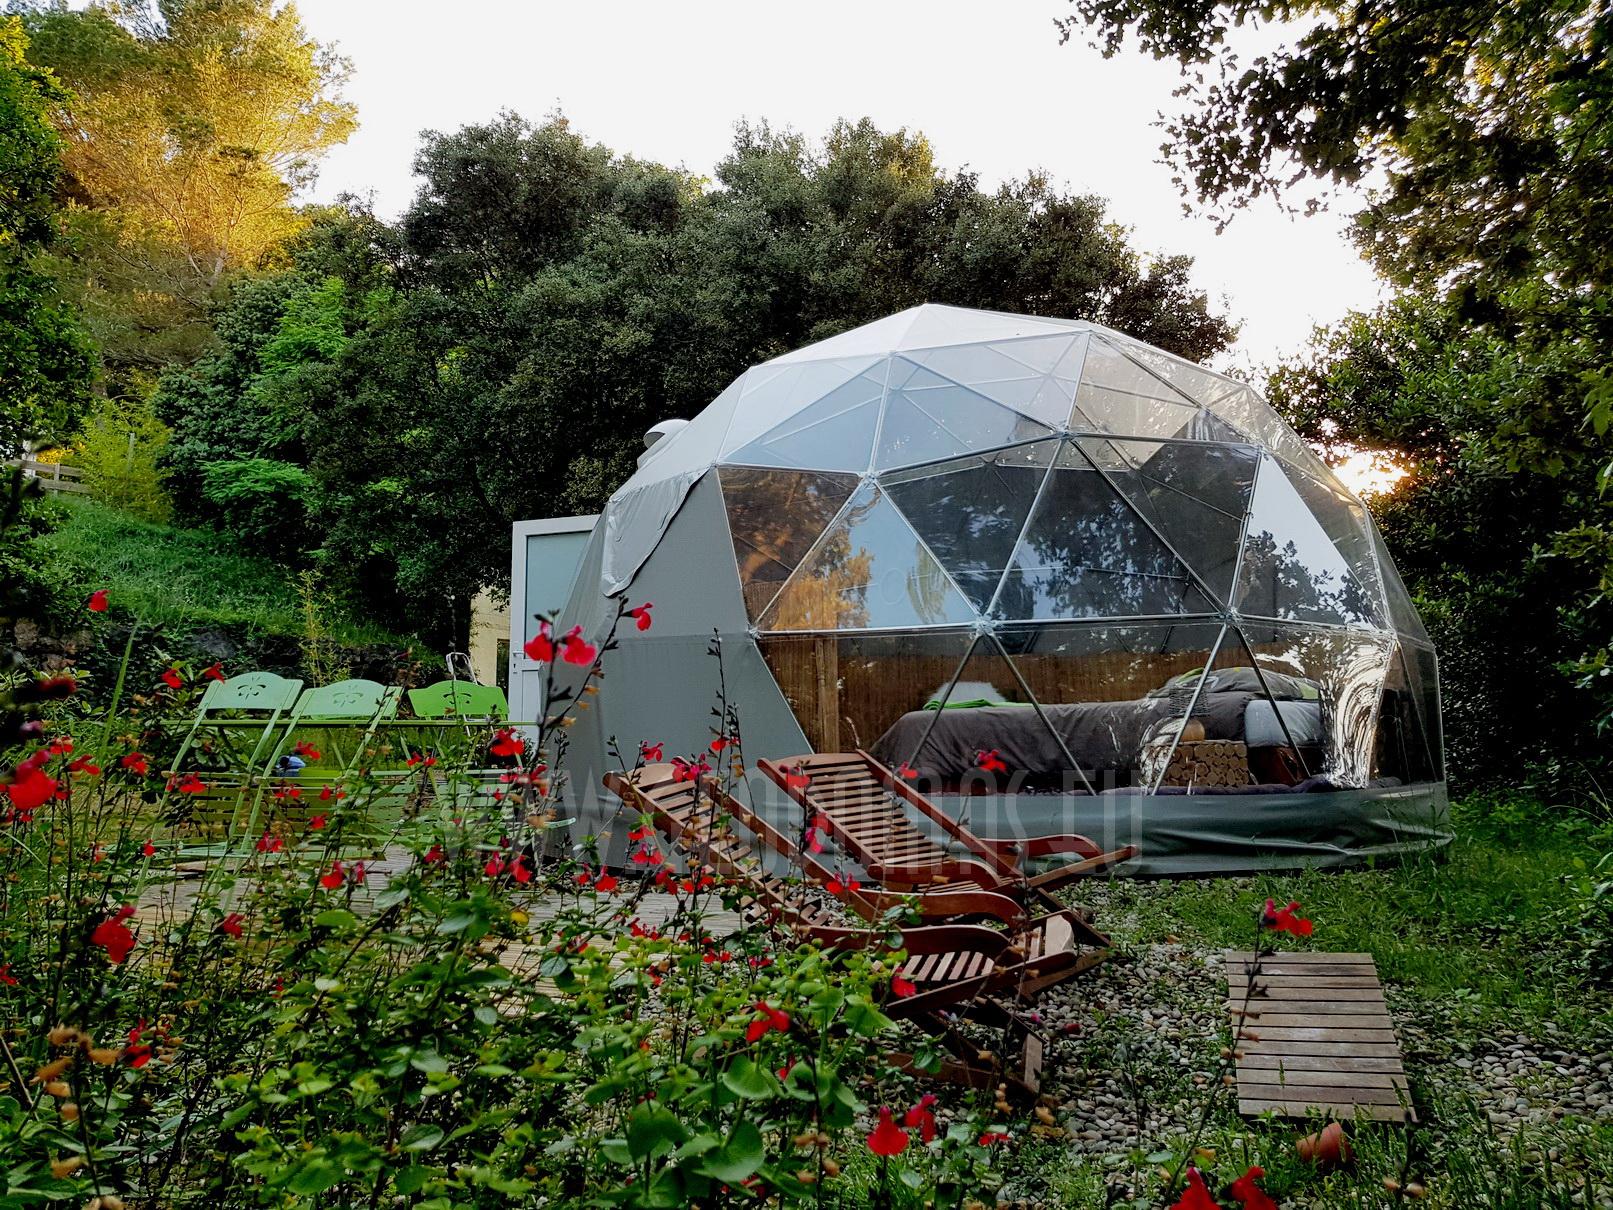 Maisons Bulles™ la nuit dans une bulle transparente | DOME Ø5m F3 20m2